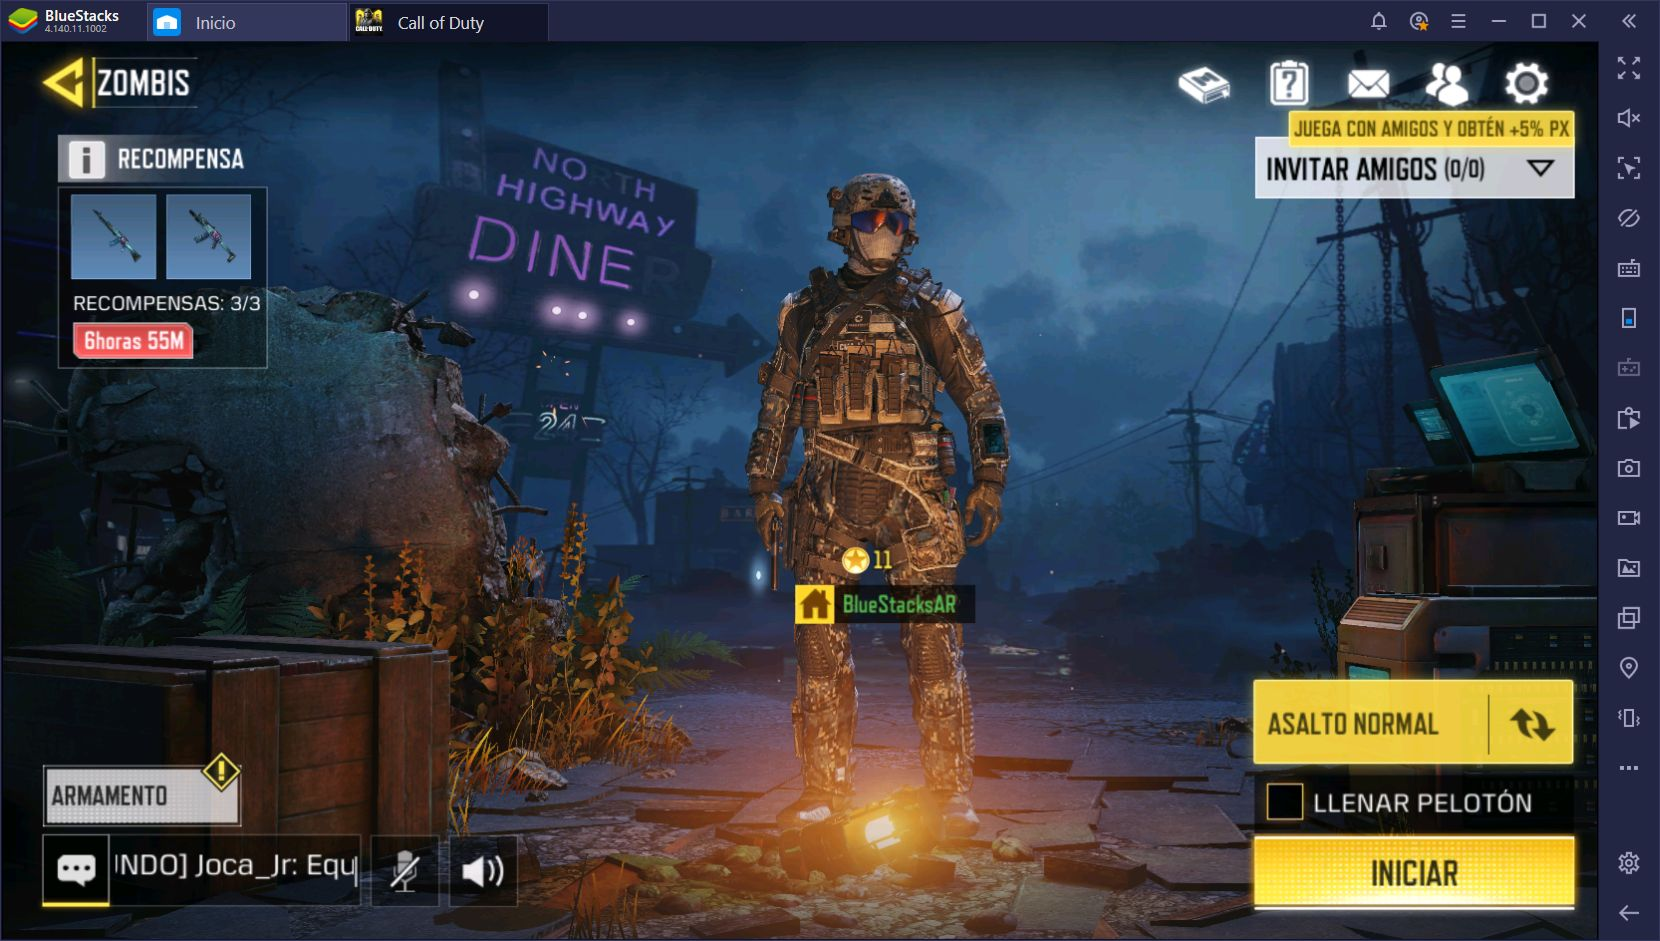 Parche 2.0 Para Call of Duty: Mobile - ¿Qué Hay de Nuevo?